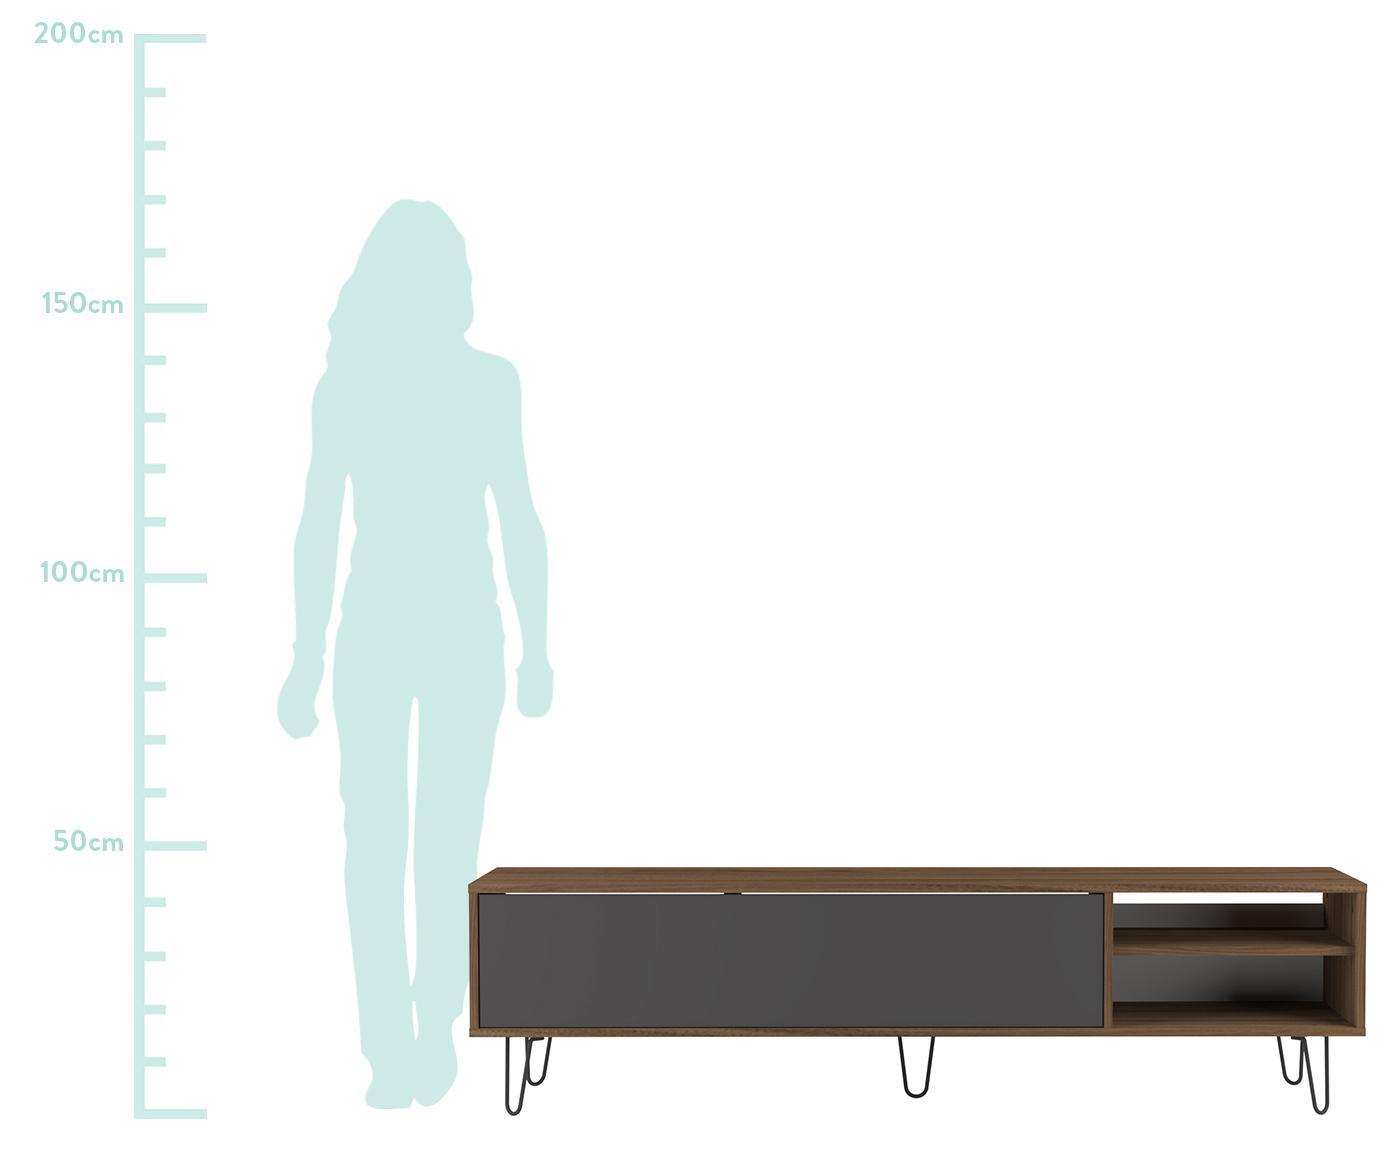 Szafka RTV z drzwiczkami Aero, Korpus: płyta wiórowa pokryta mel, Nogi: metal lakierowany, Szary, drewno orzecha włoskiego, S 165 x W 44 cm